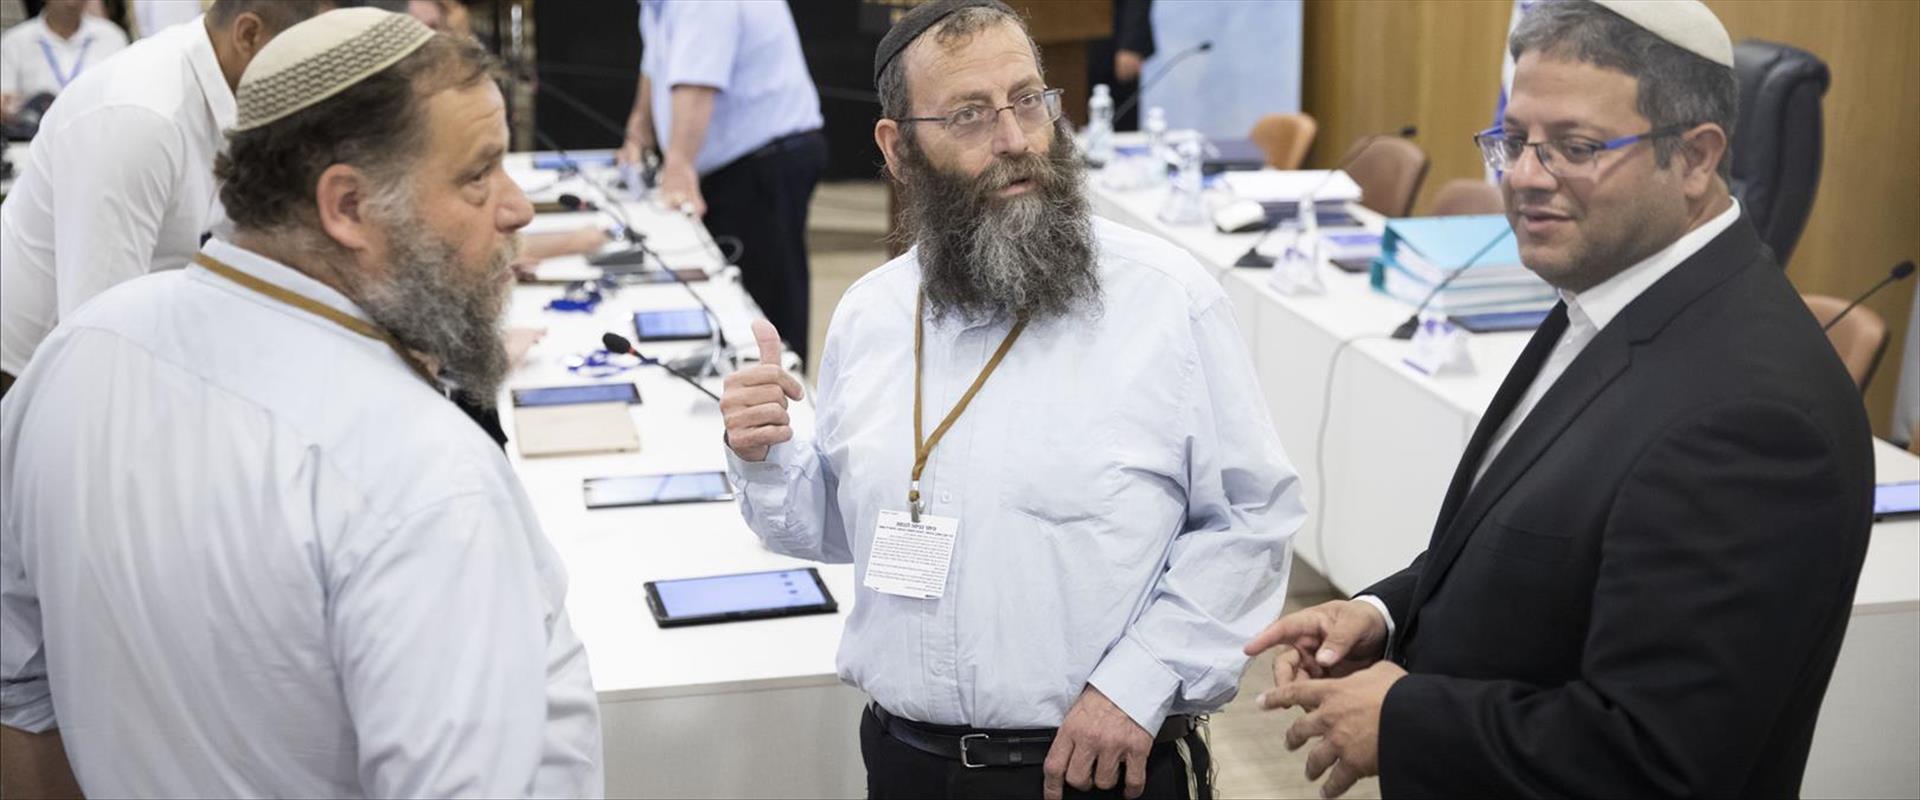 בן-גביר, מרזל וגופשטיין בוועדת הבחירות המרכזית לכנ